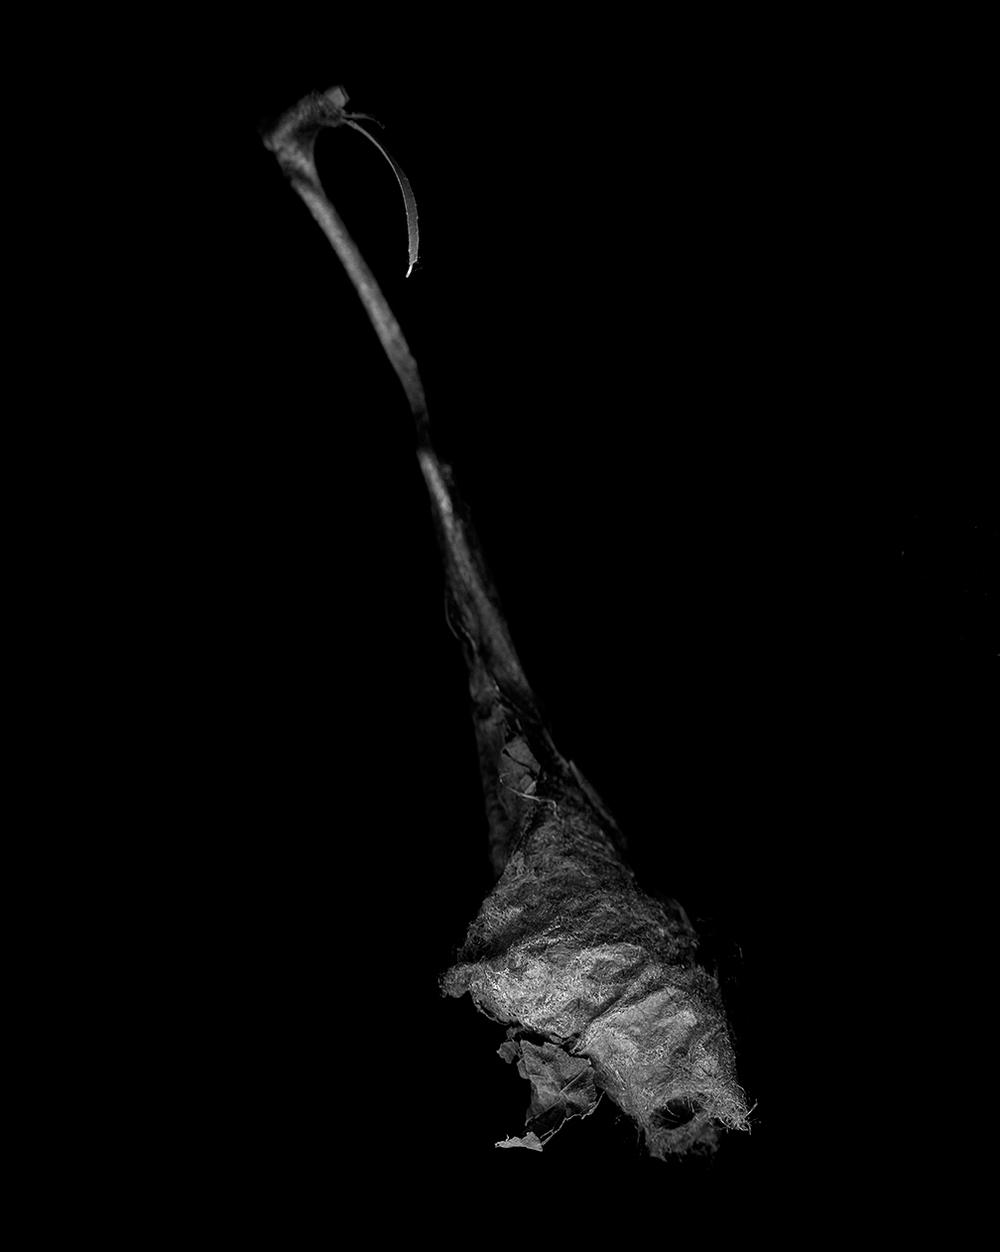 Callosamia Promethea Cocoon I (2014)